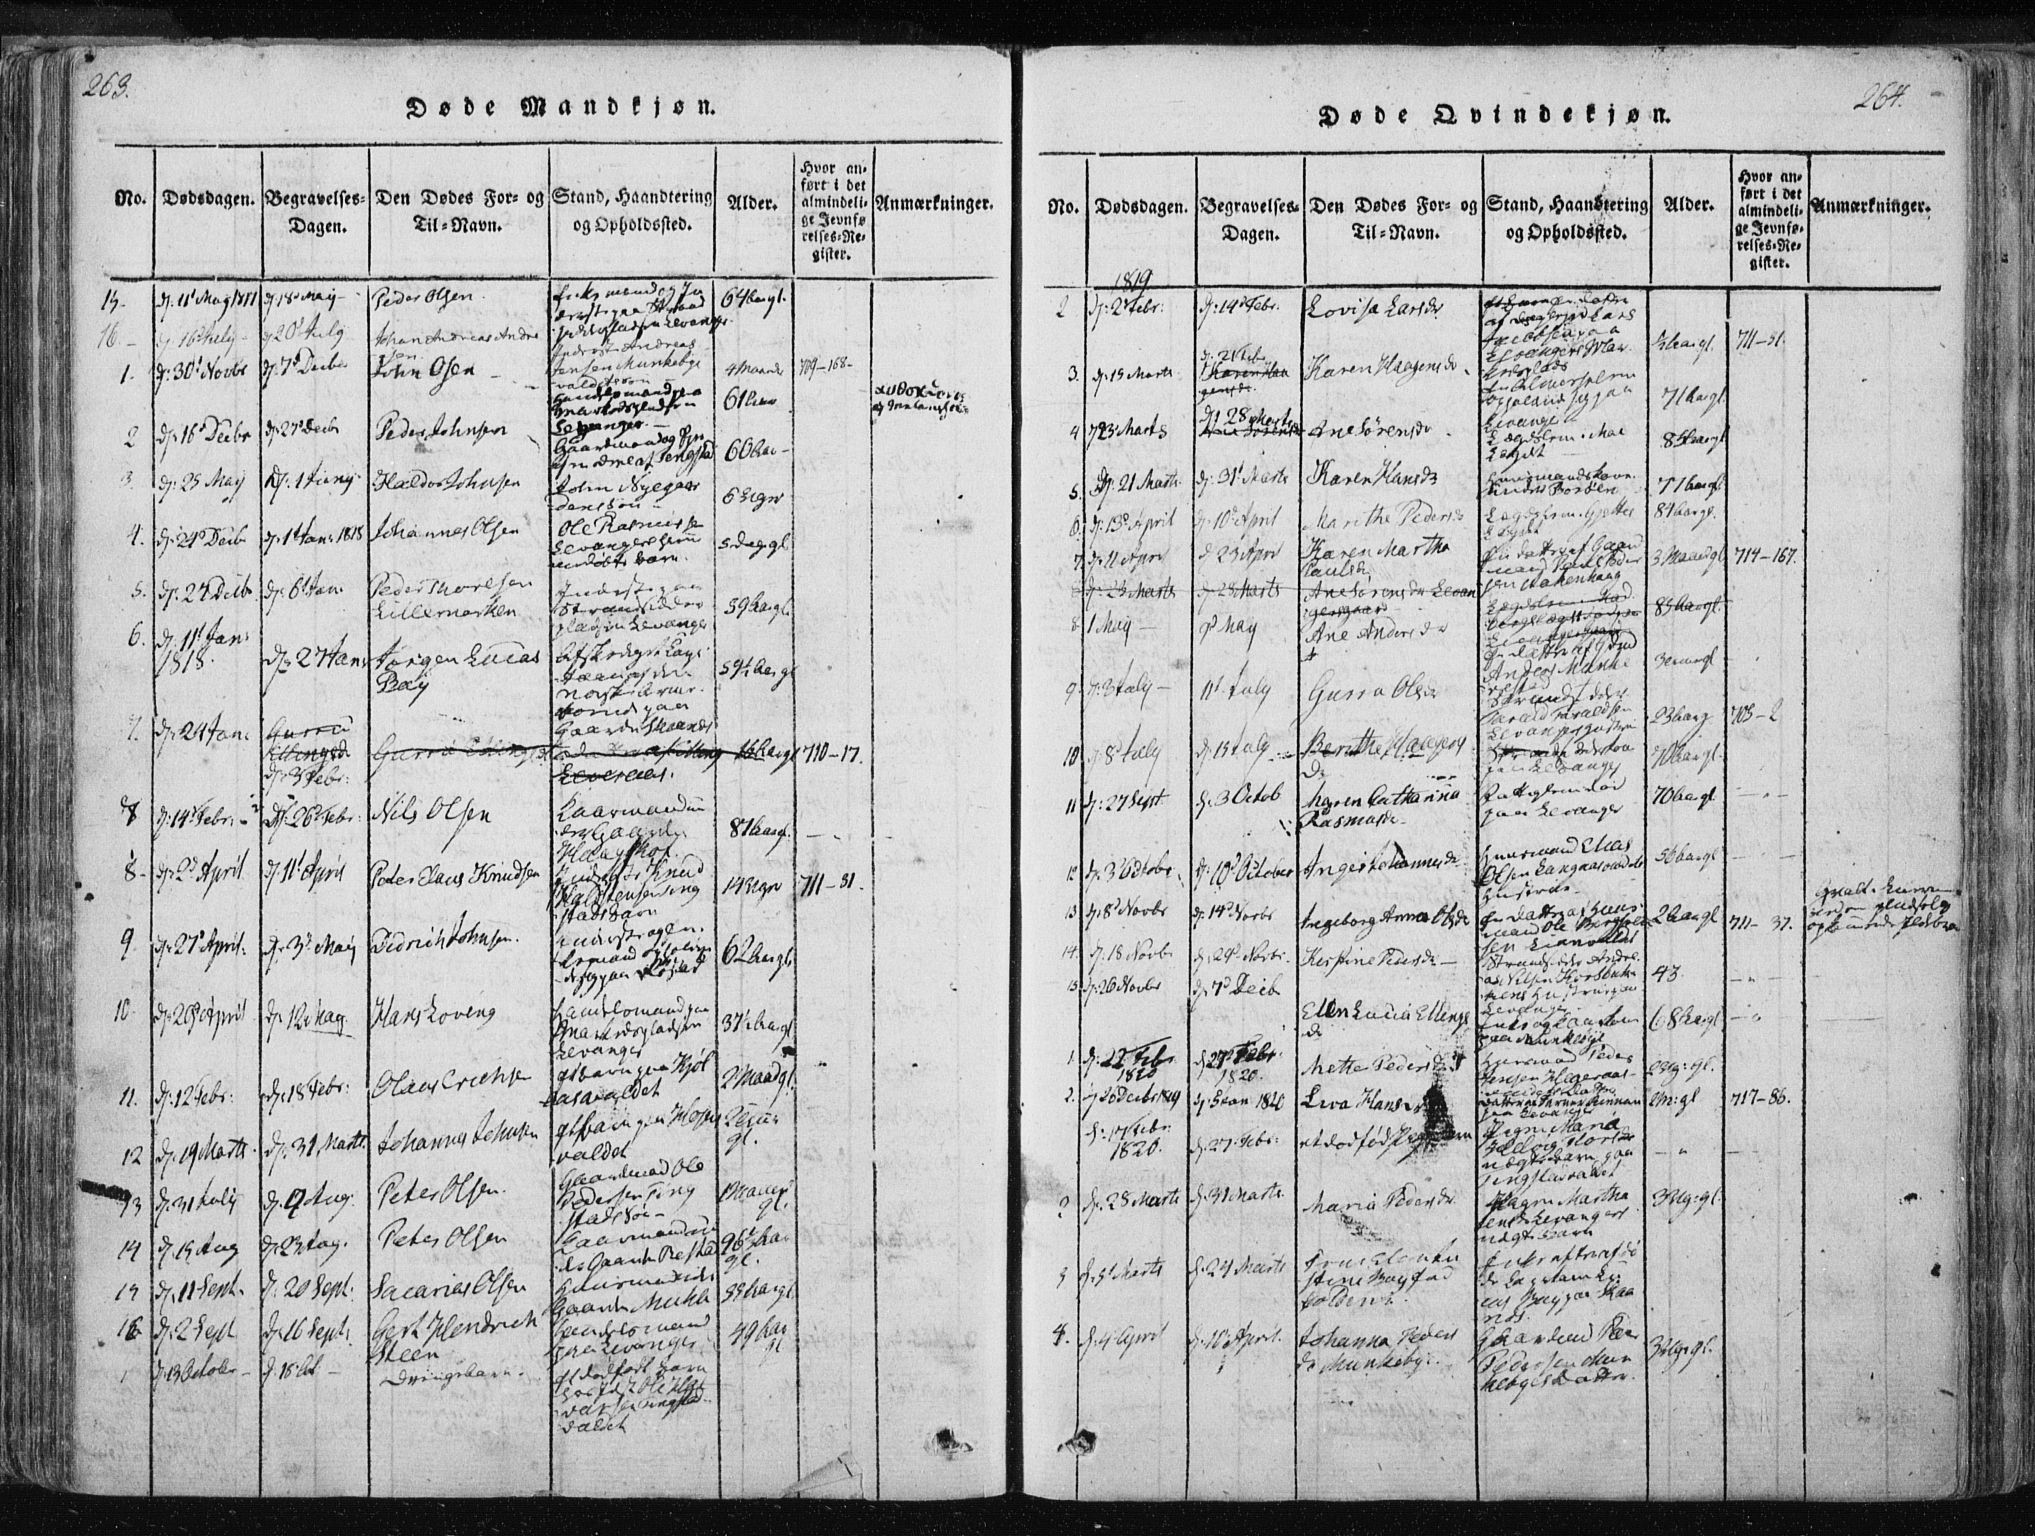 SAT, Ministerialprotokoller, klokkerbøker og fødselsregistre - Nord-Trøndelag, 717/L0148: Ministerialbok nr. 717A04 /2, 1816-1825, s. 263-264